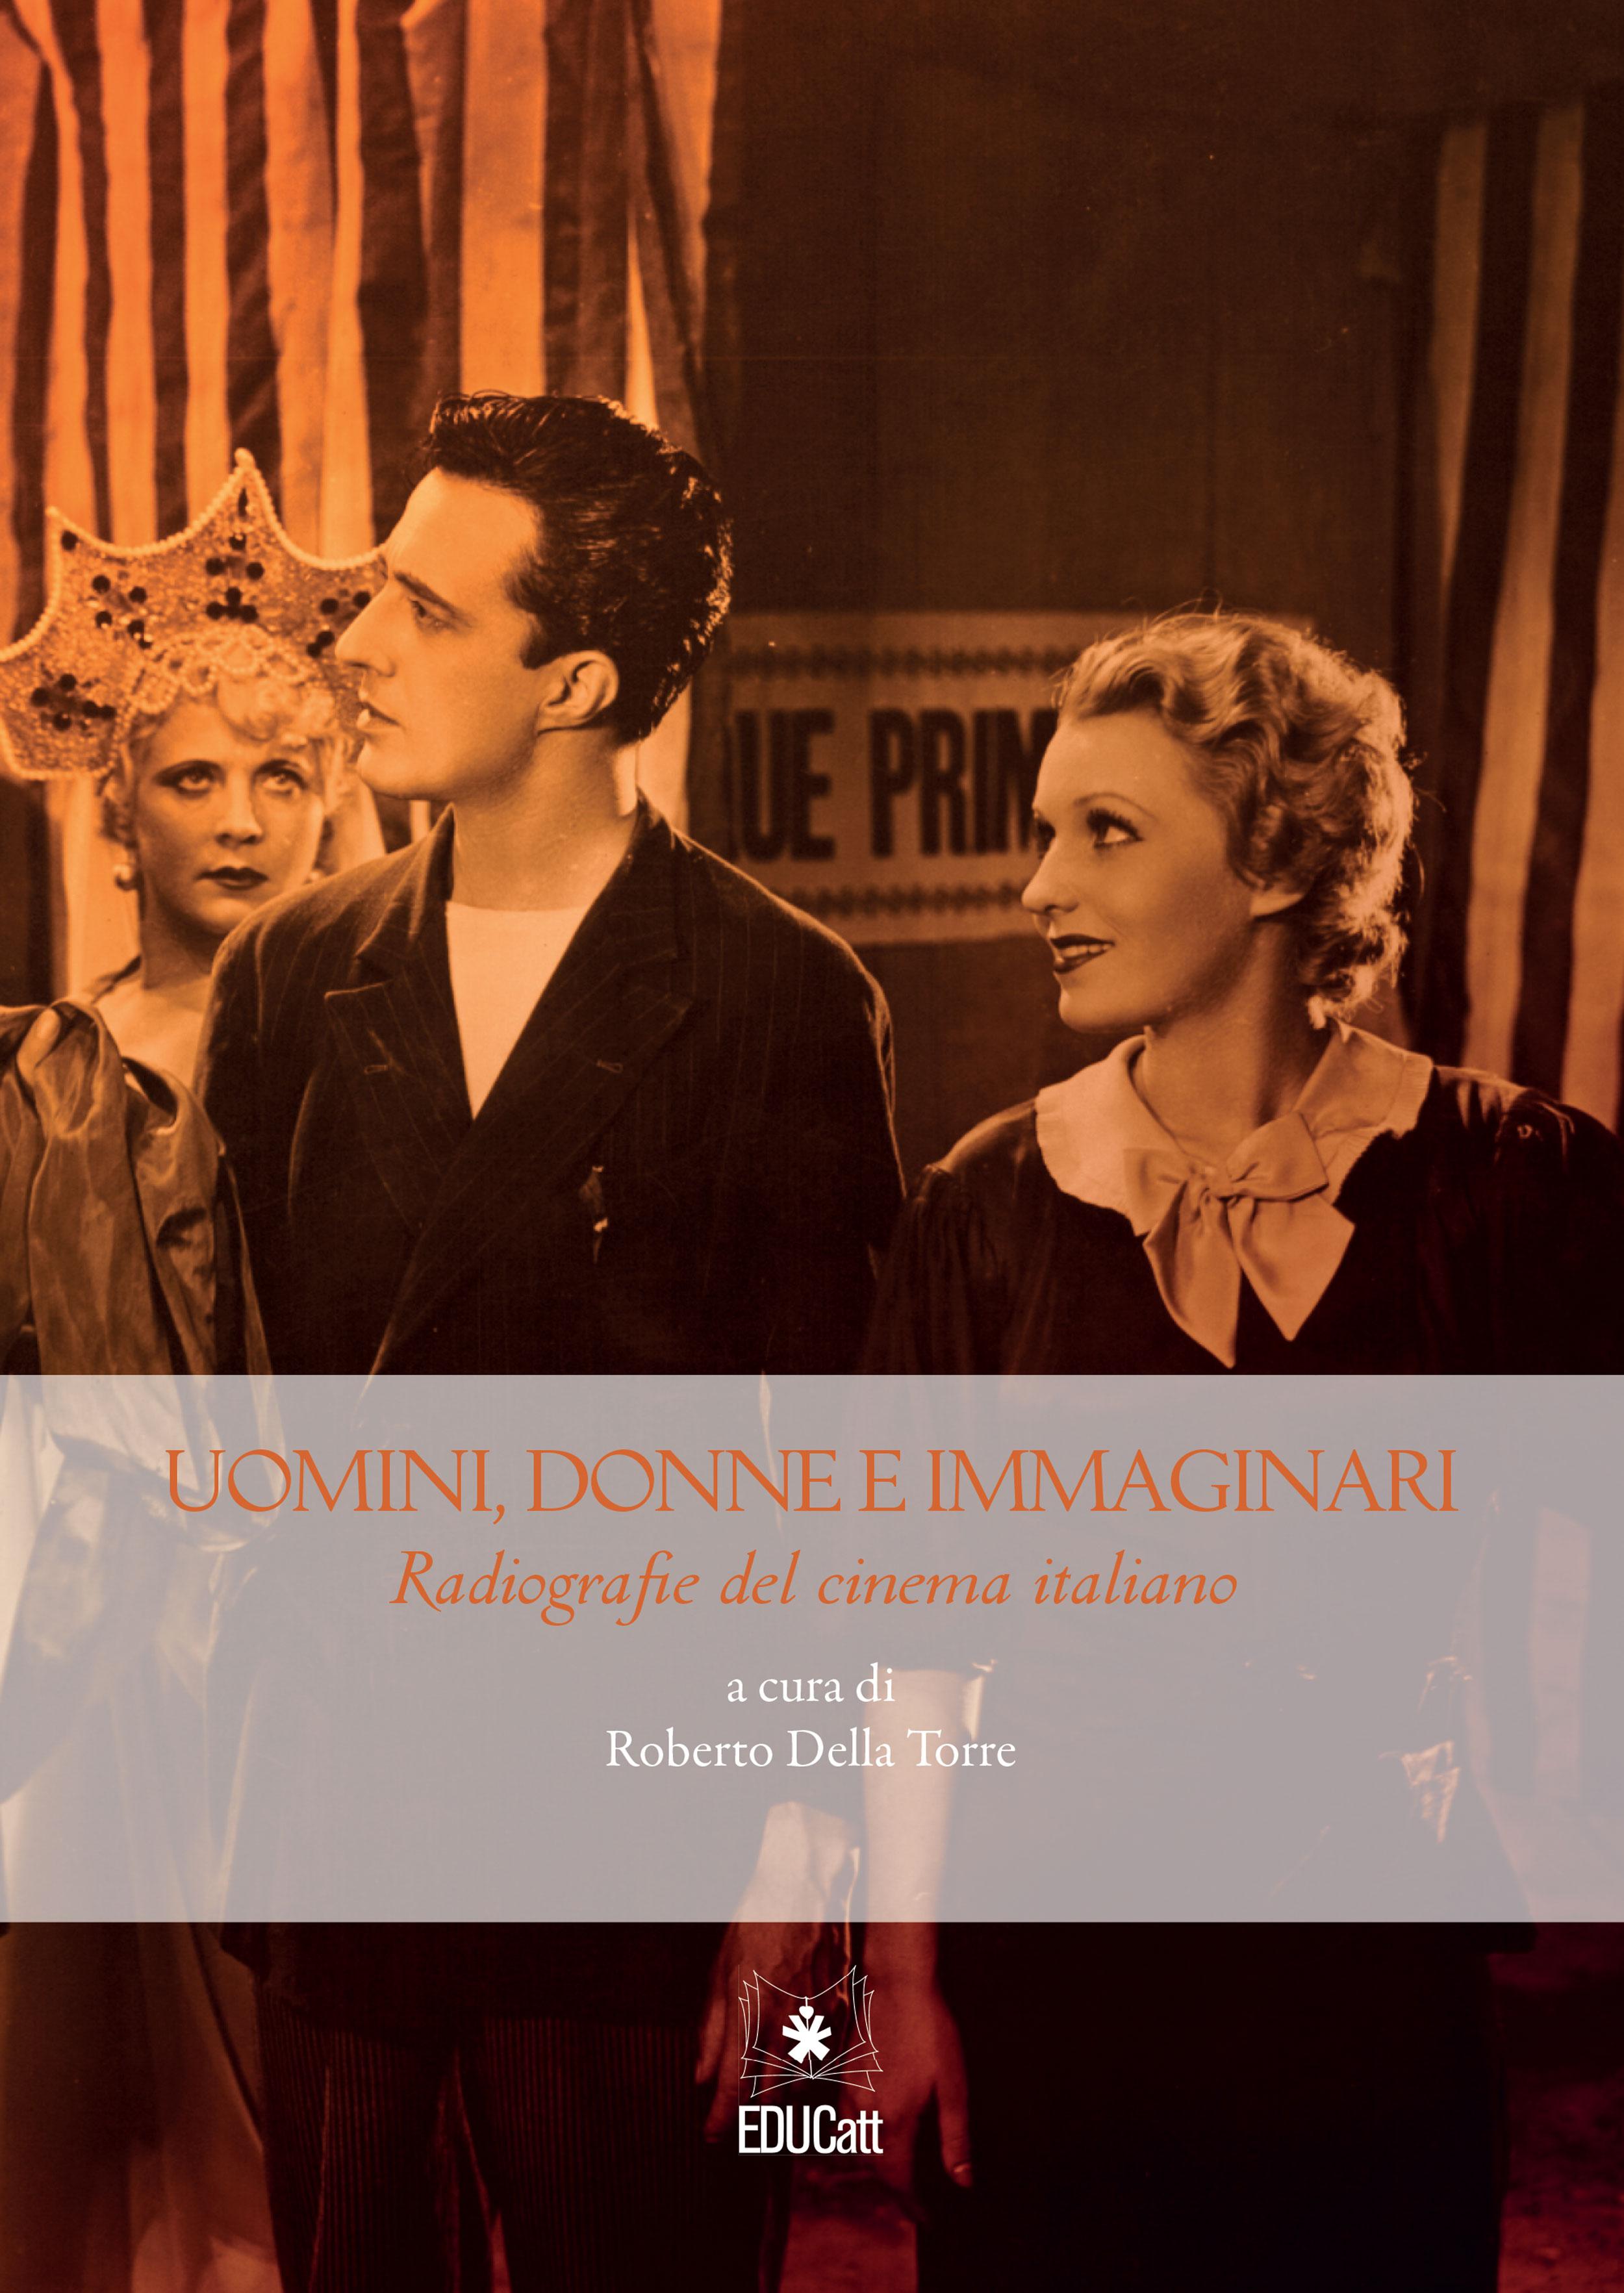 UOMINI, DONNE E IMMAGINARI. RADIOGRAFIE DEL CINEMA ITALIANO